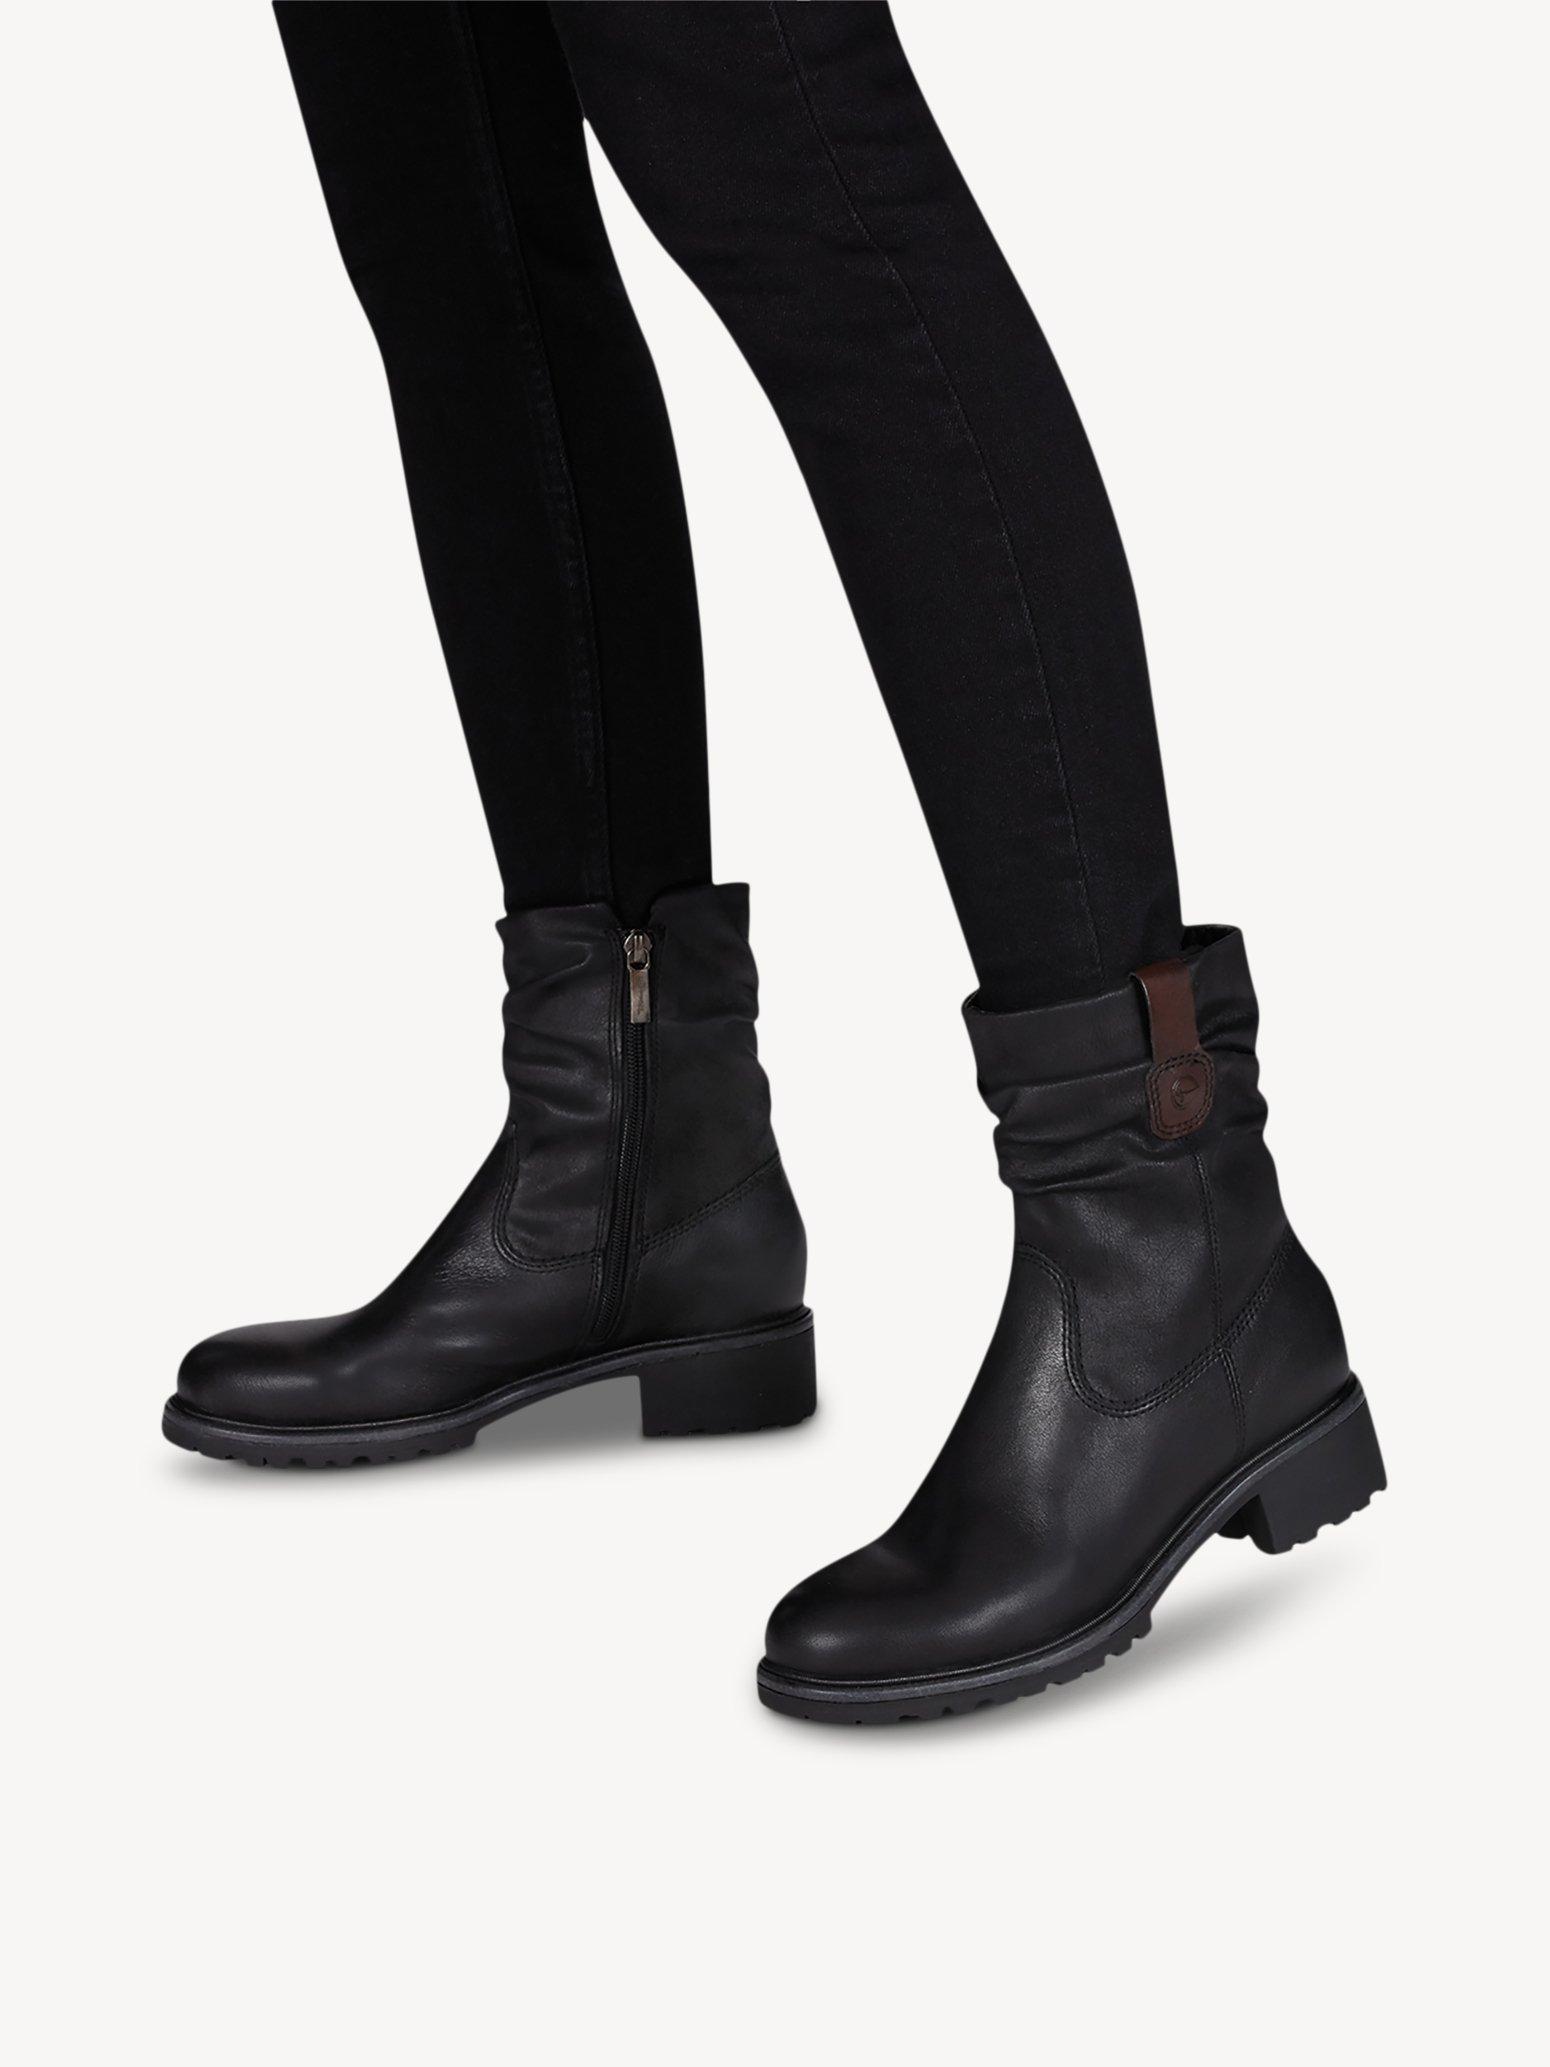 Ботинки Tamaris 1-1-26441-25-001 фотография